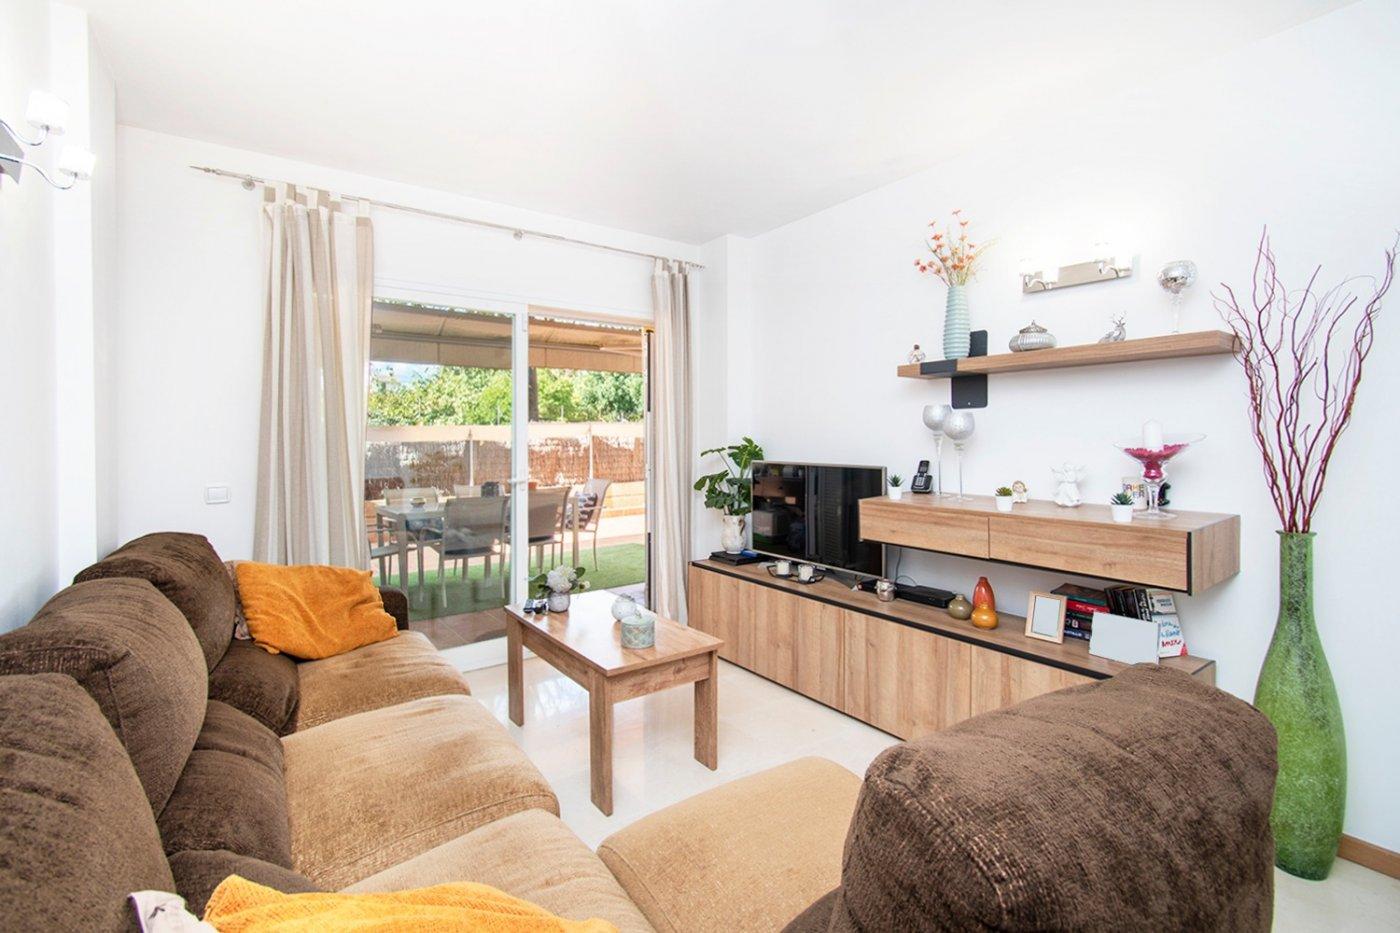 Planta baja de 2 habitaciones, terraza, parking, trastero y zonas comunitarias en son moix - imagenInmueble4